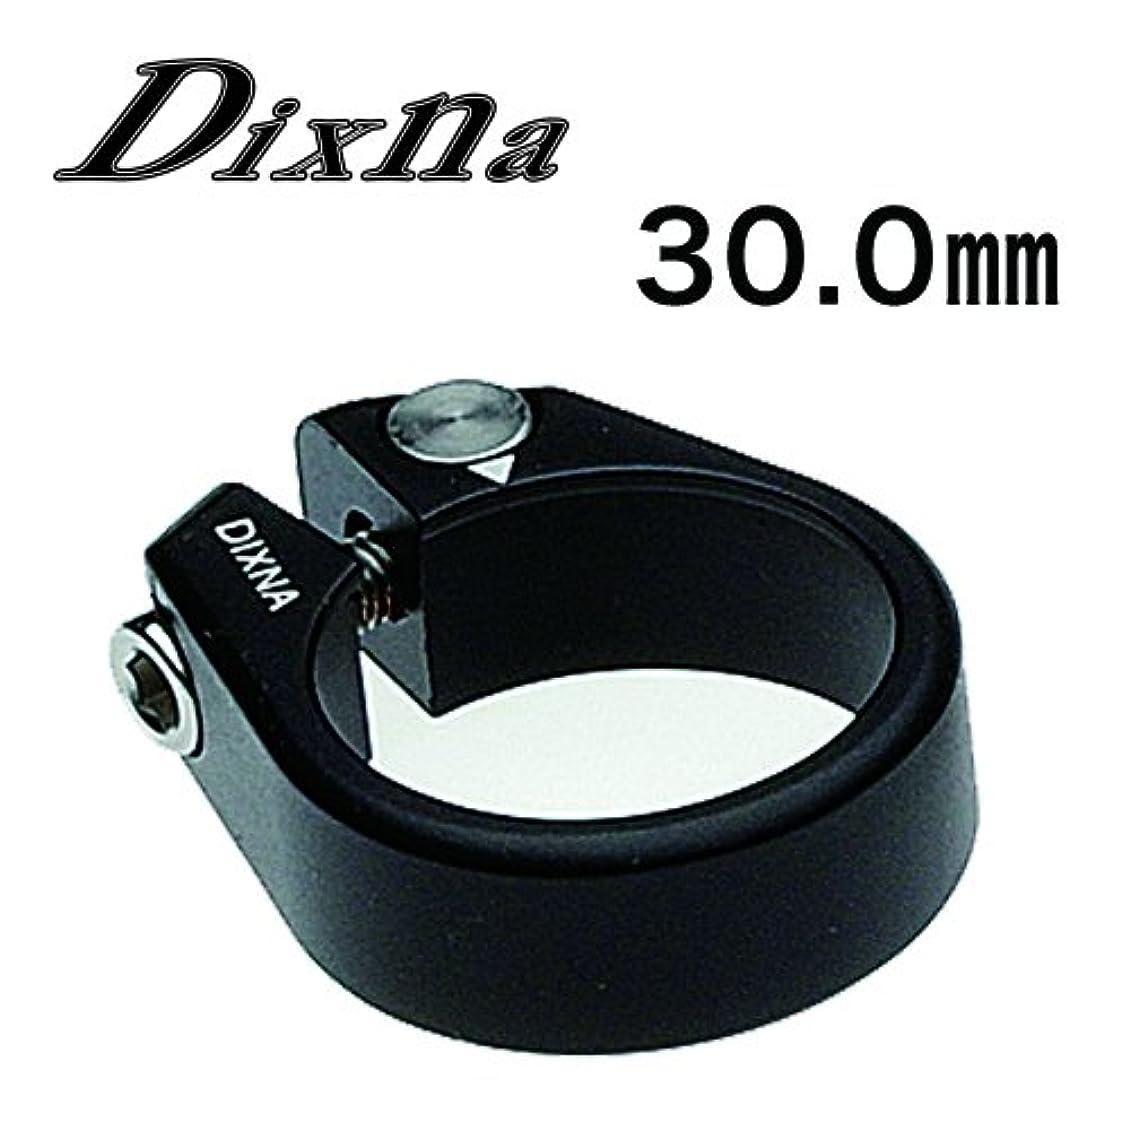 最初に法廷自明DIXNA(ディズナ) バンテージクランプ2 30.0 BK ブラック 30.0